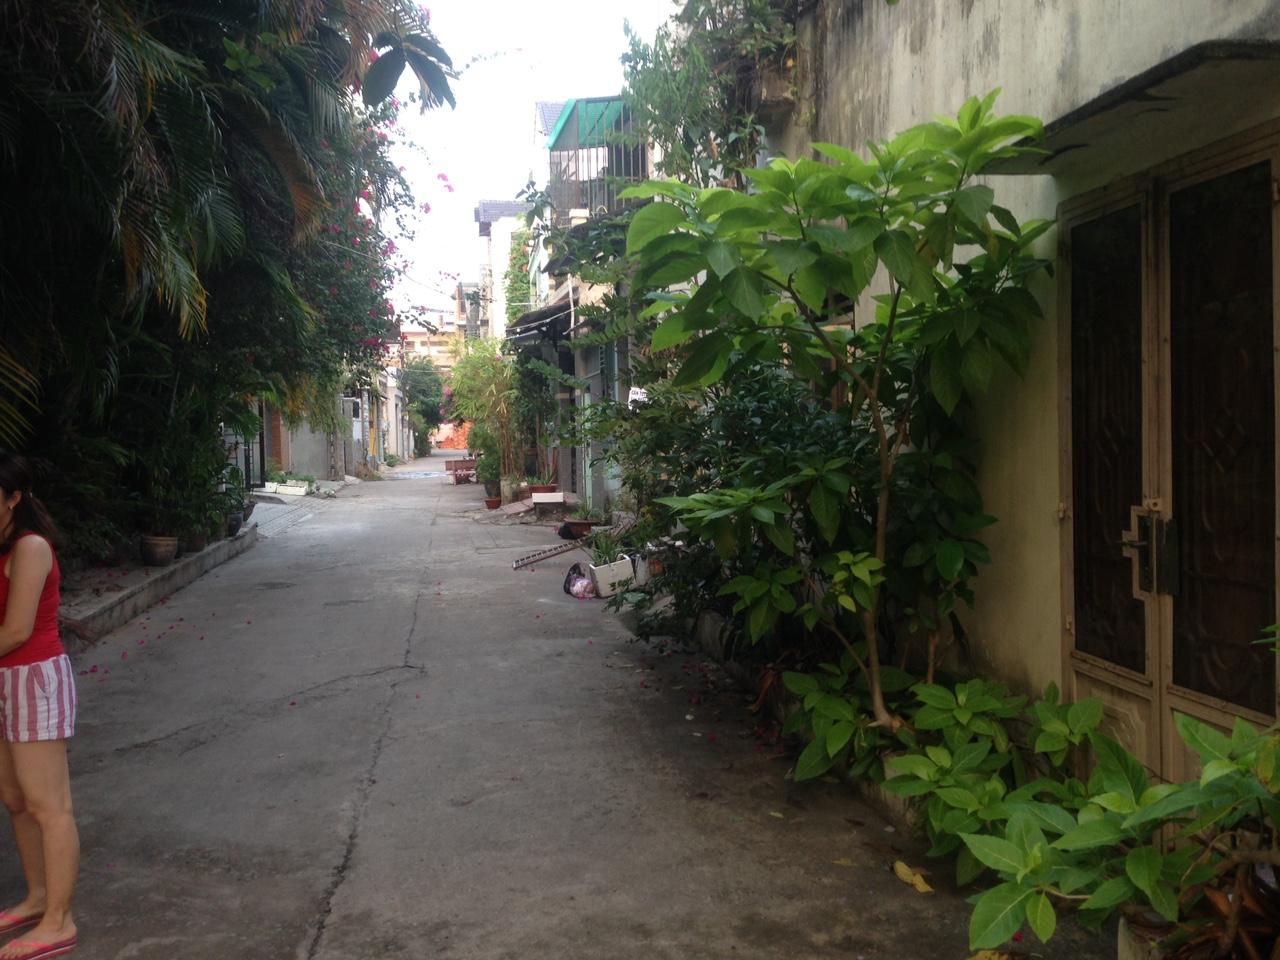 Bán biệt thự sân vườn phường Trường Thọ Quận Thủ Đức 02